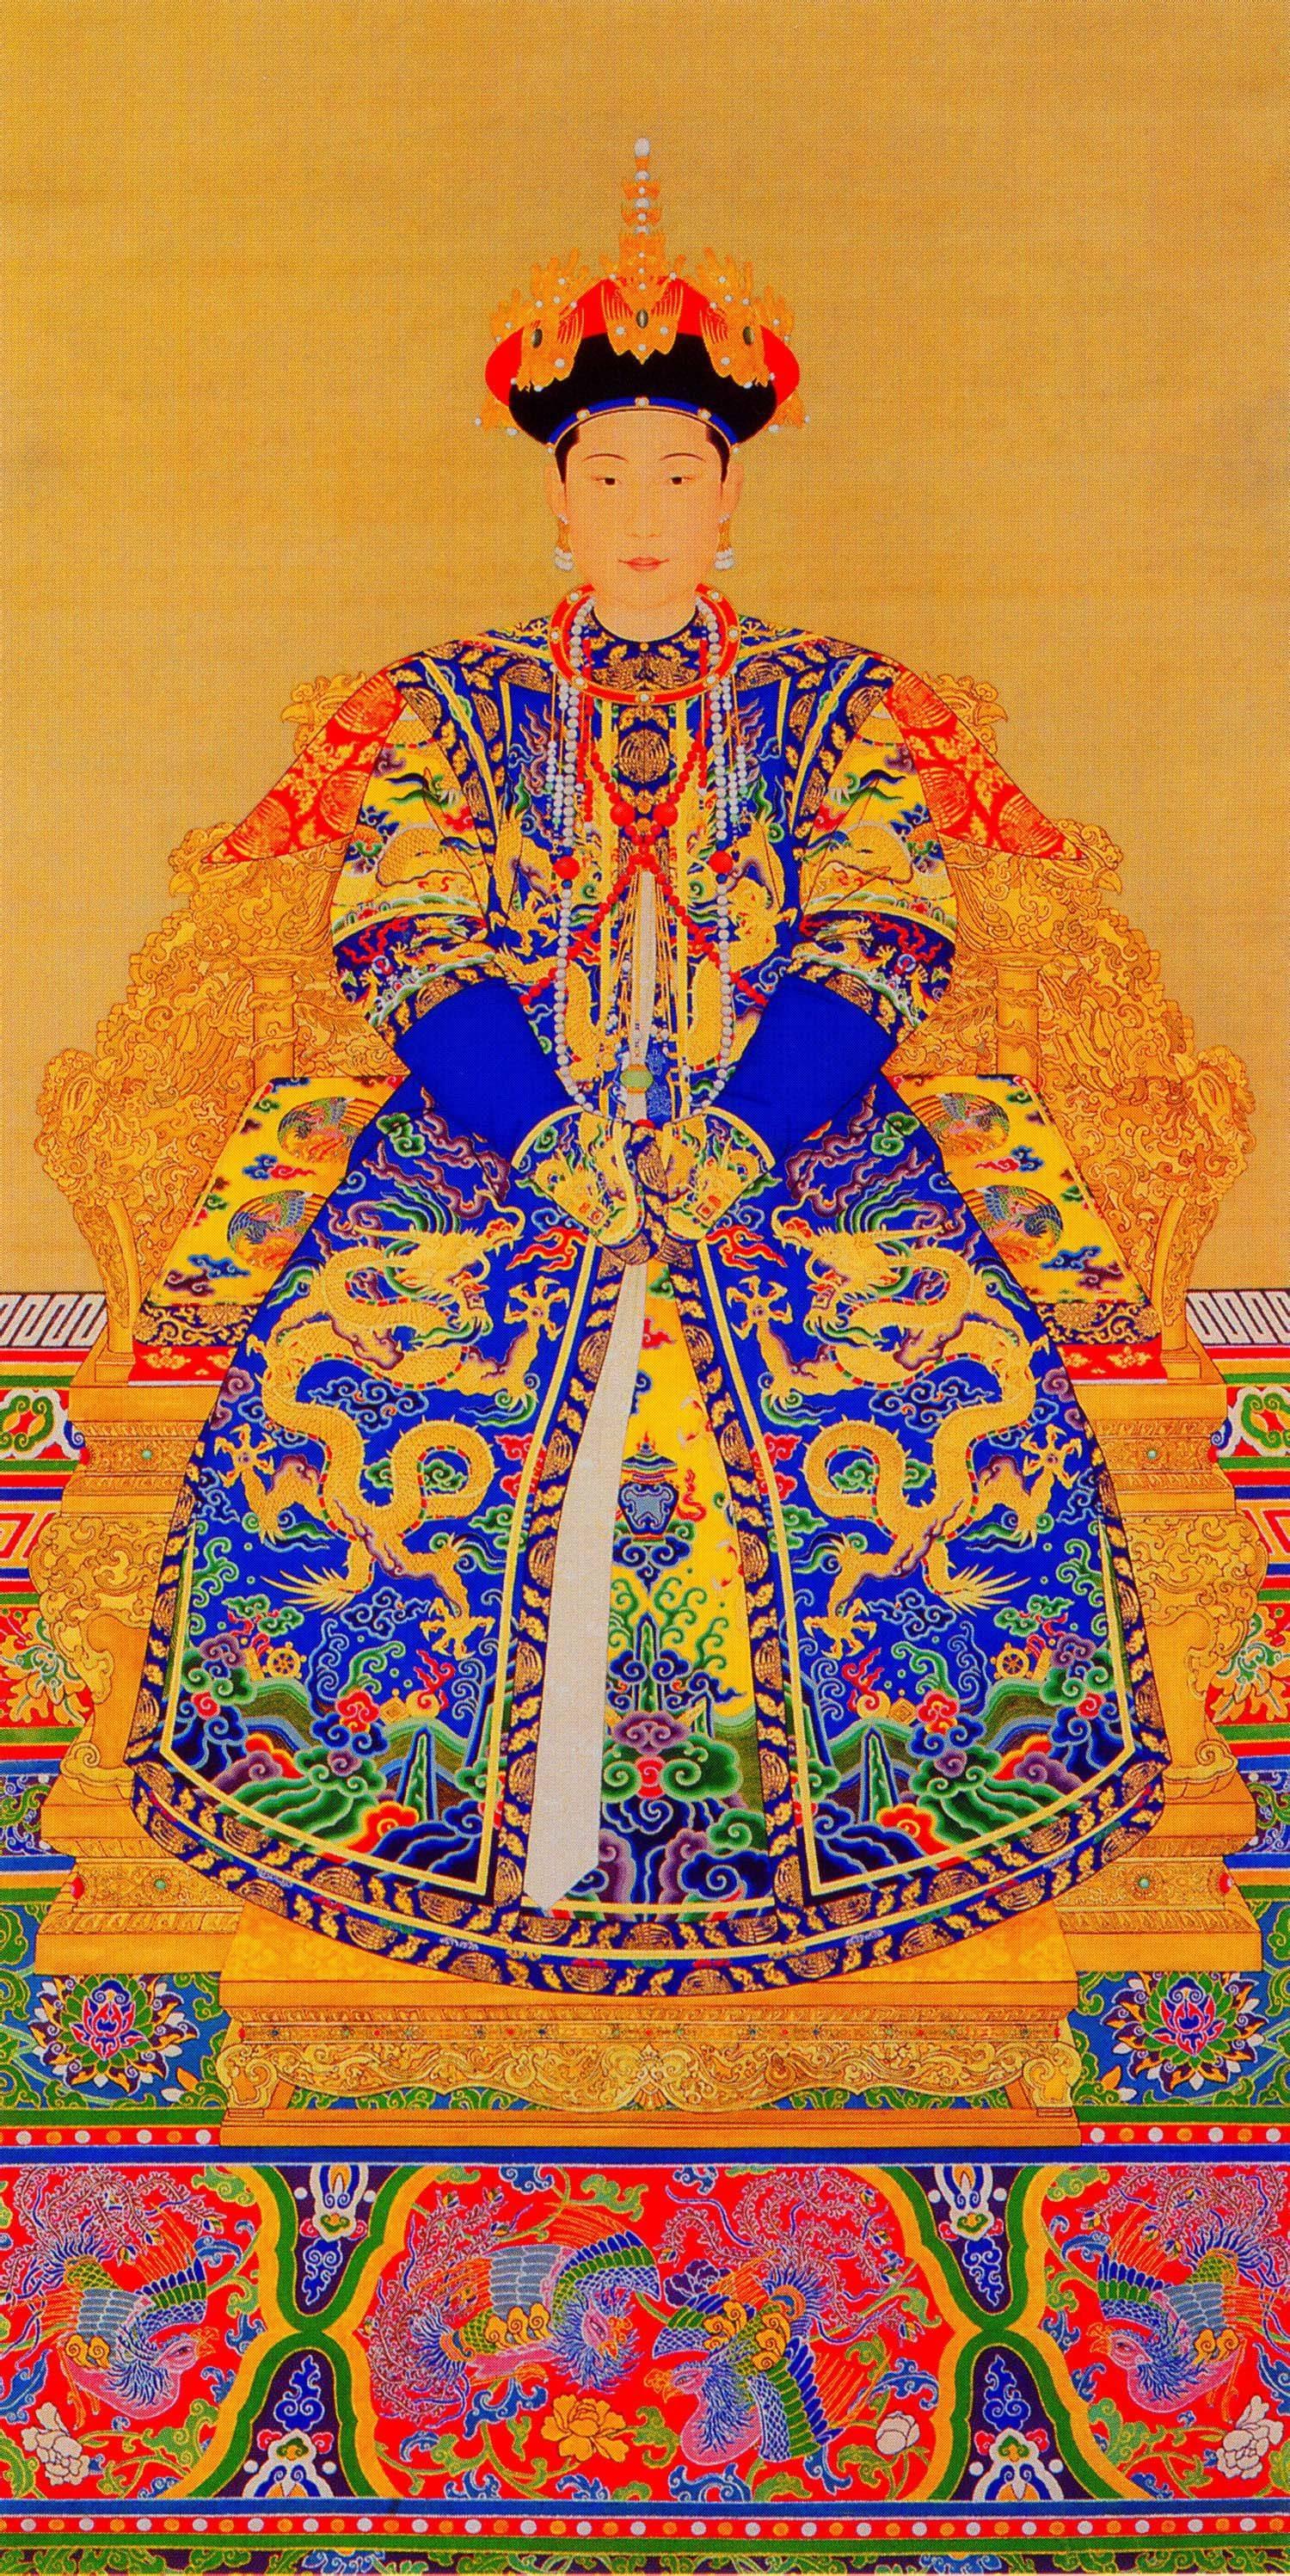 皇贵妃系统 宫斗之贵妃系统